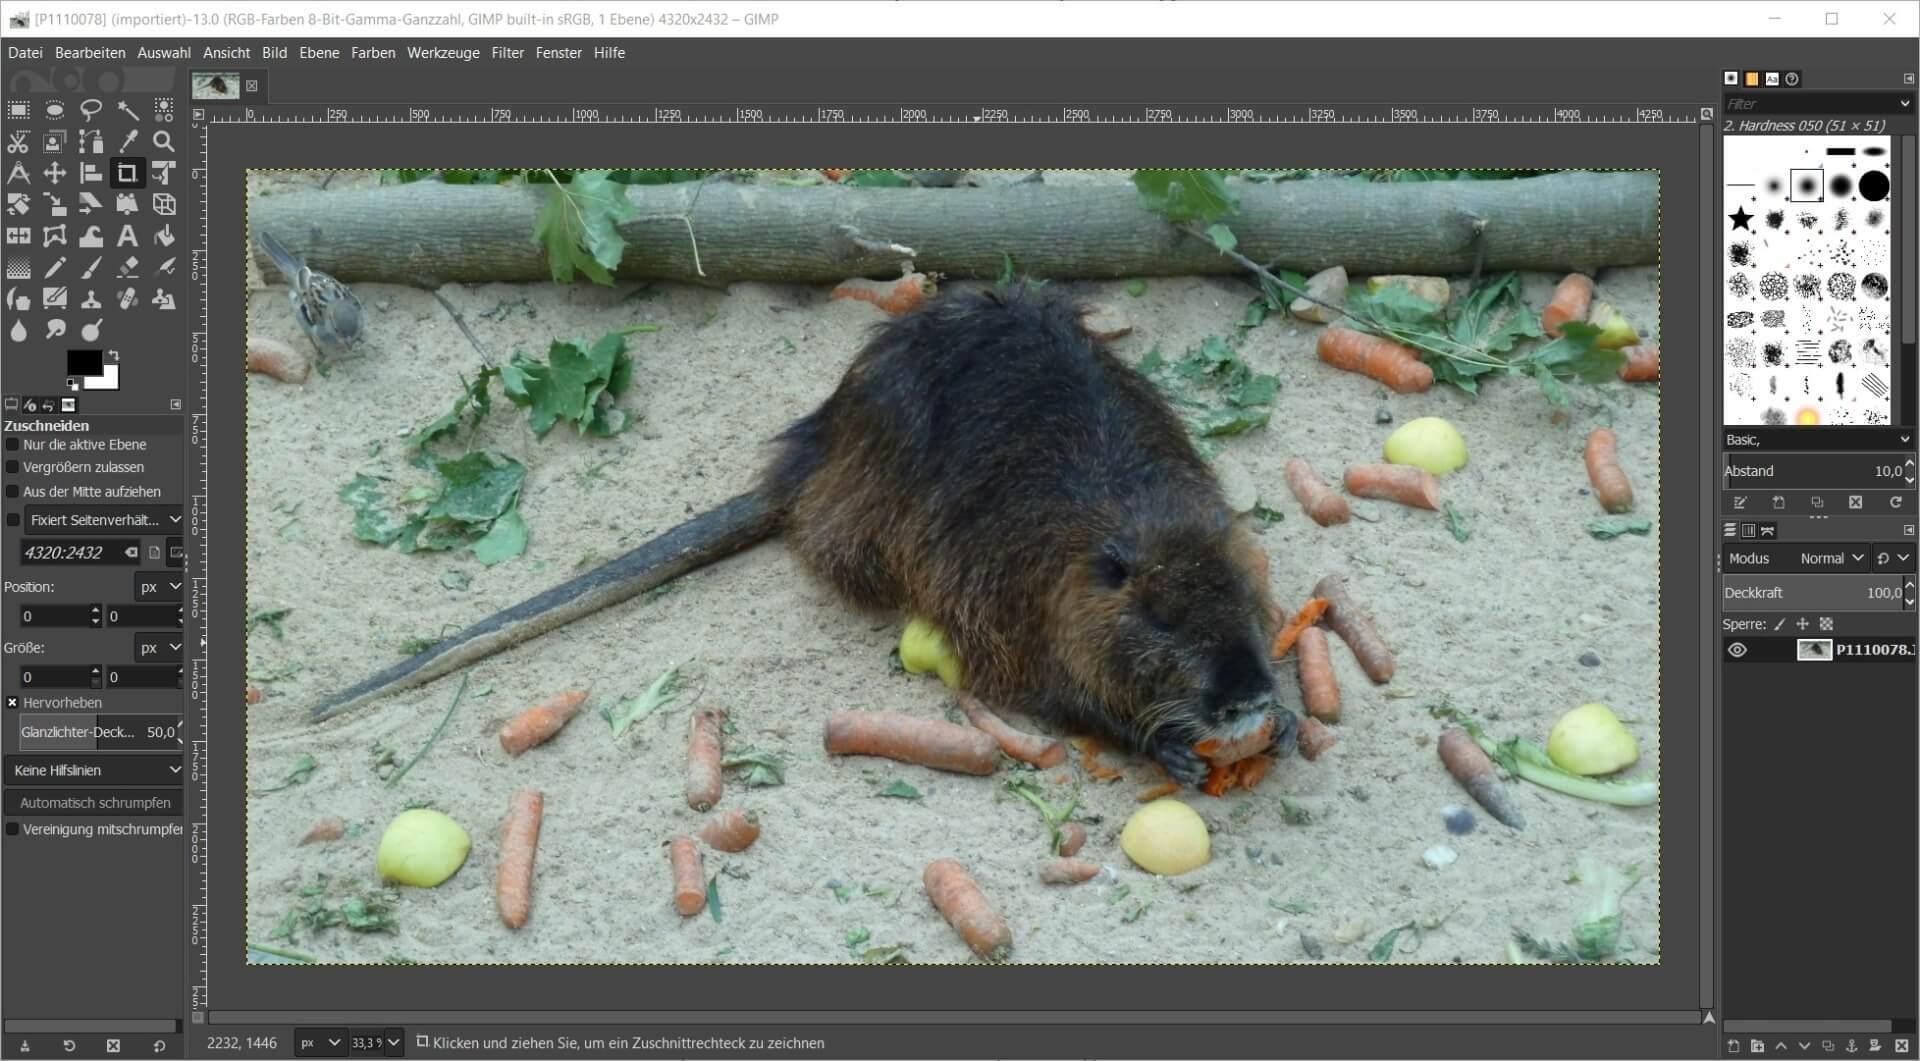 fotobearbeitungsprogramm gimp kostenlos